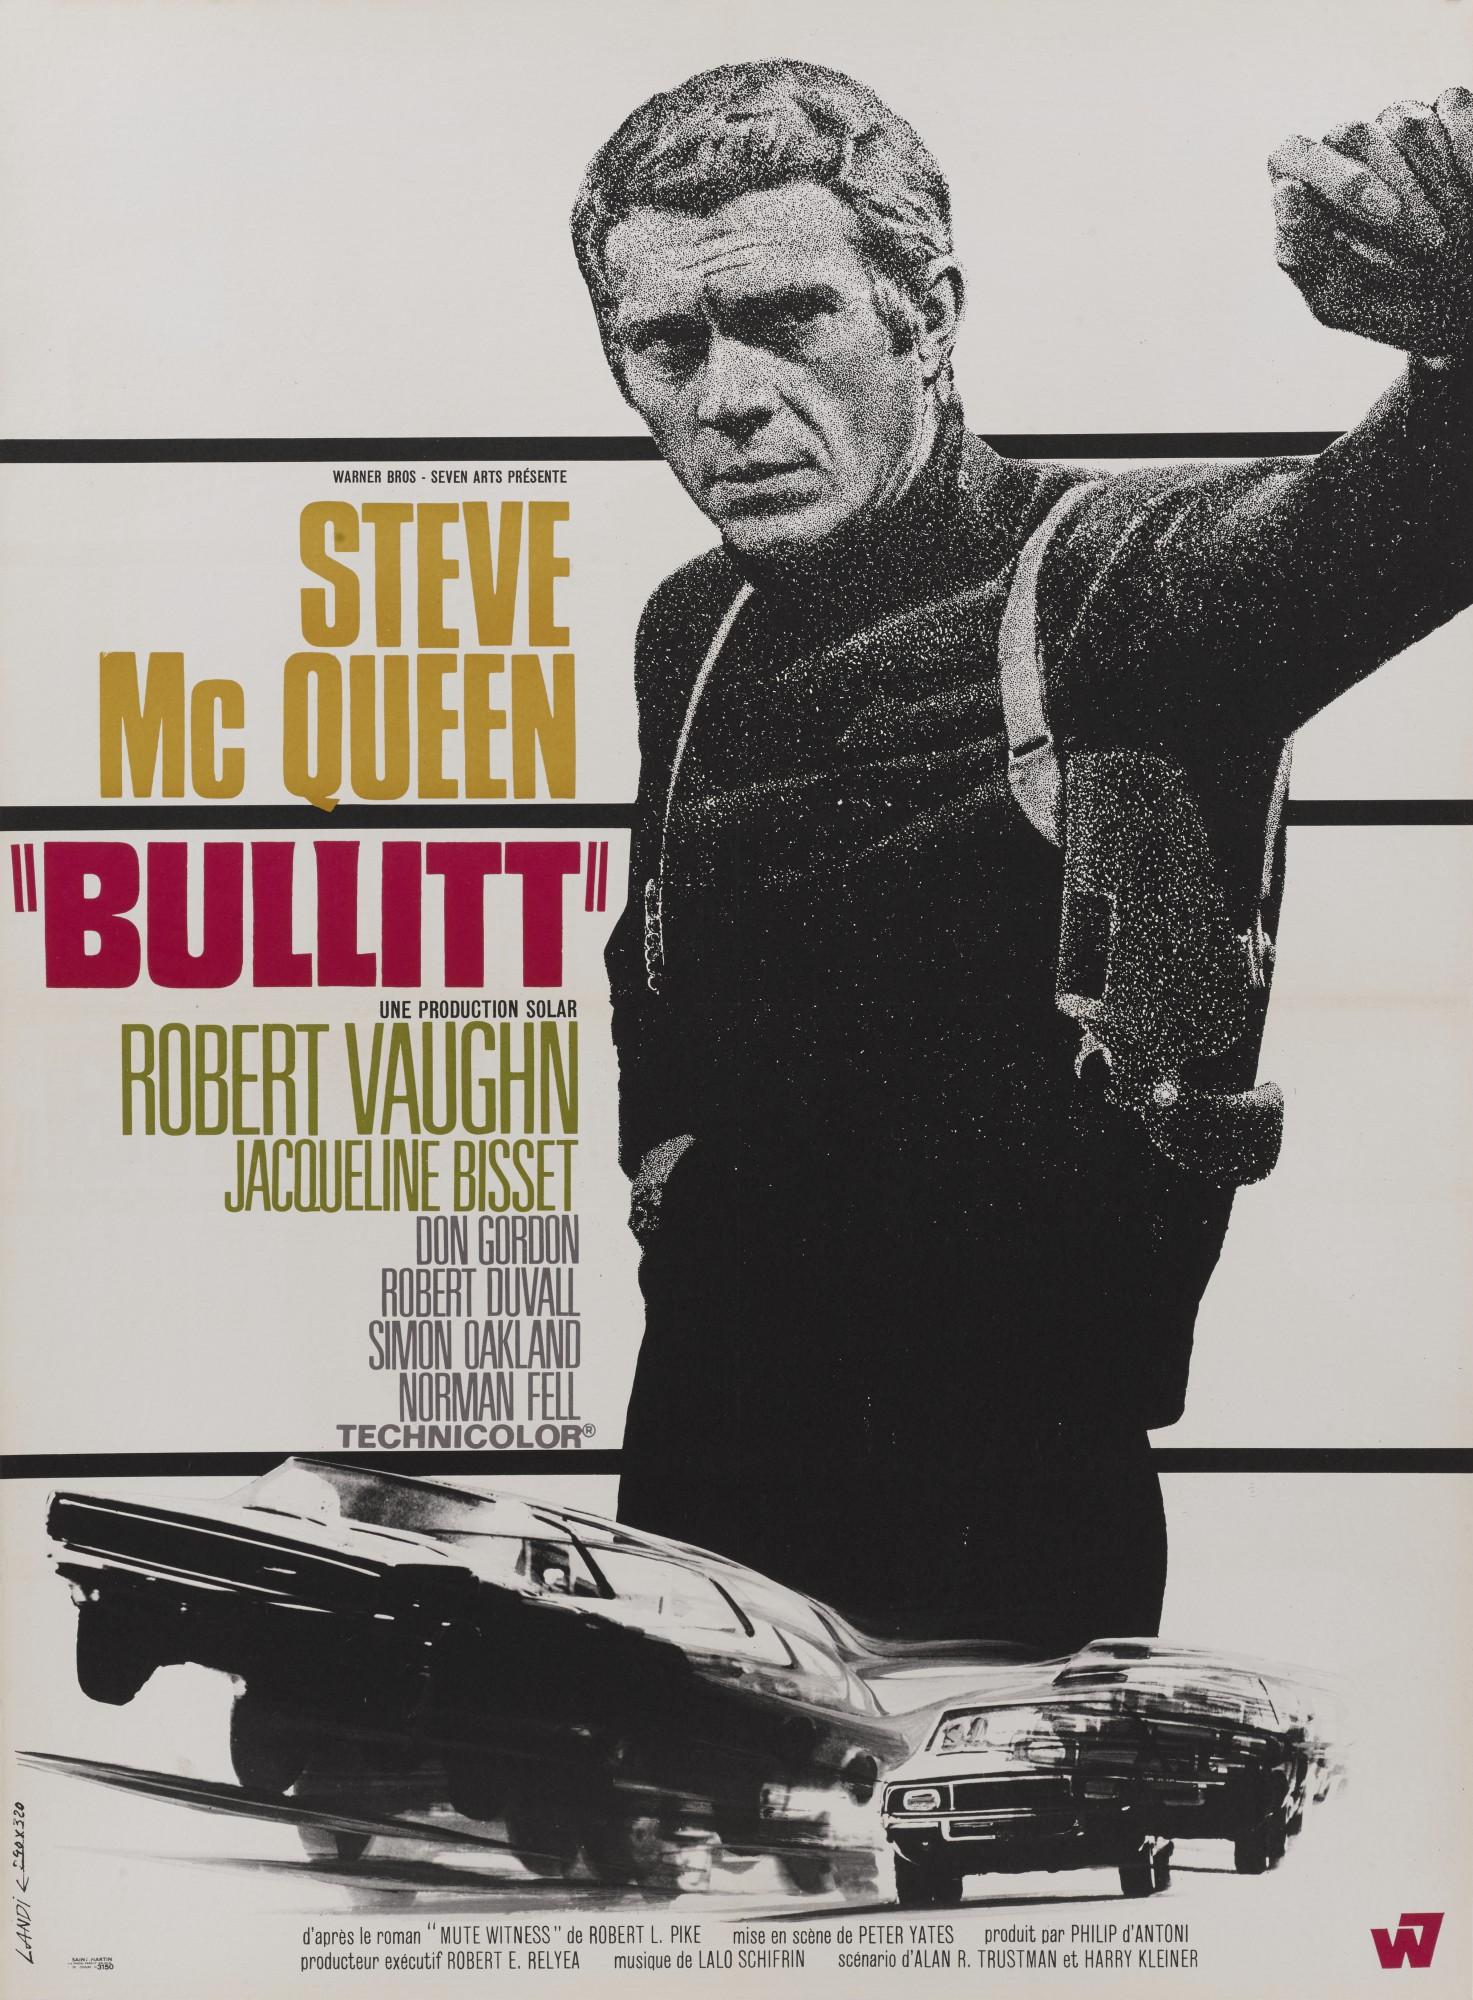 BULLITT (1968) POSTER, FRENCH